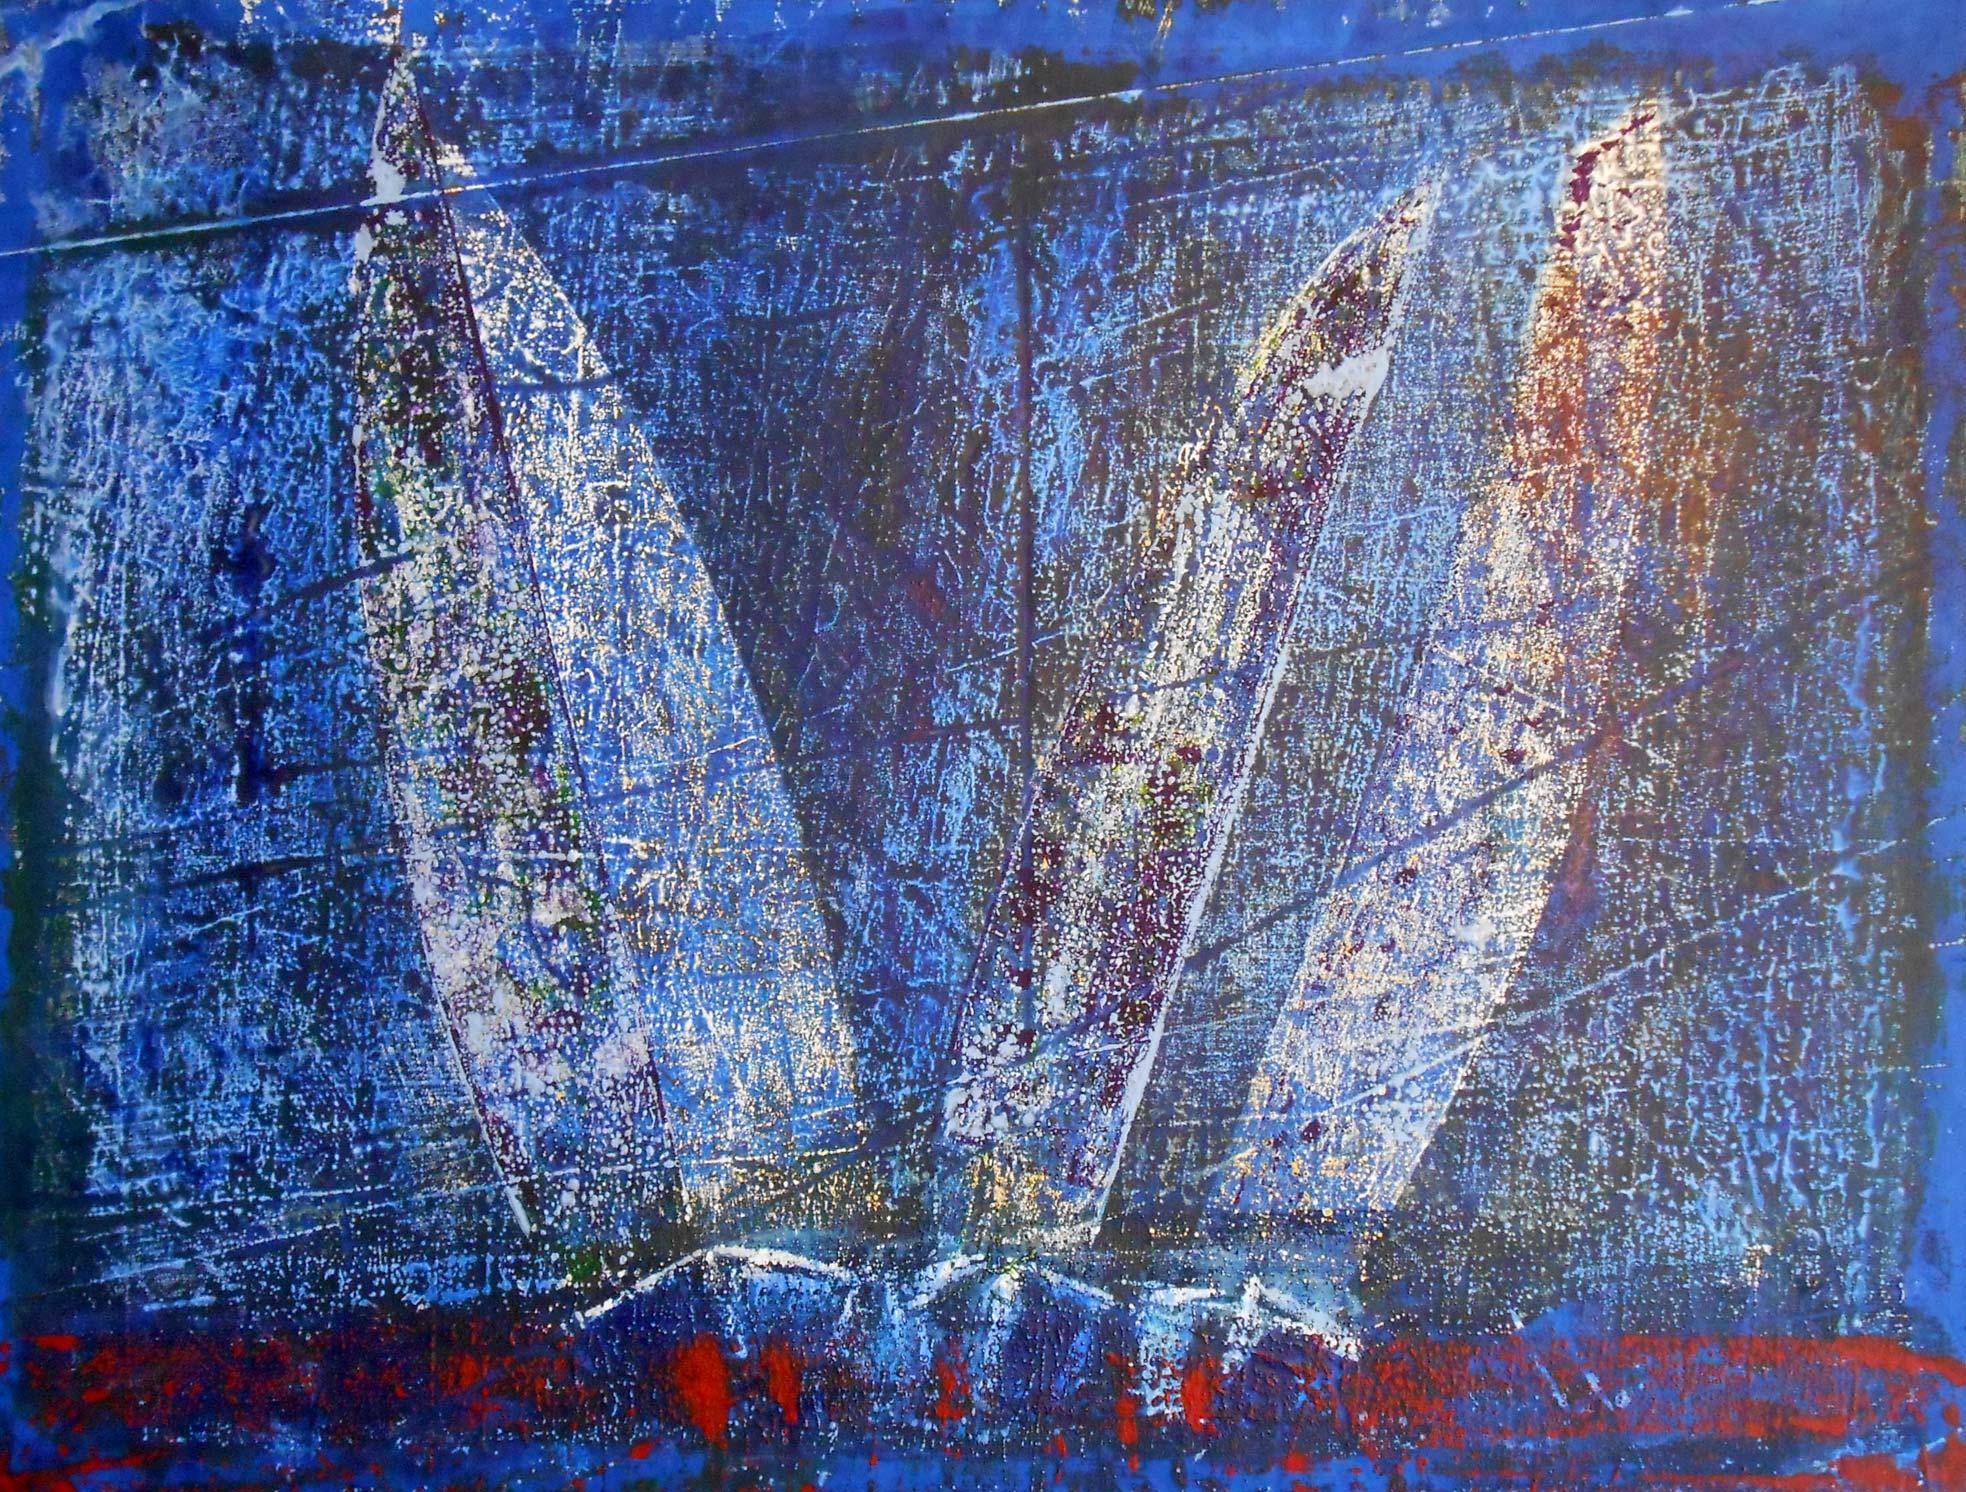 Regatta bei Nacht - 59 x 77 cm, Acryl auf Segel, 2015, 800,- €